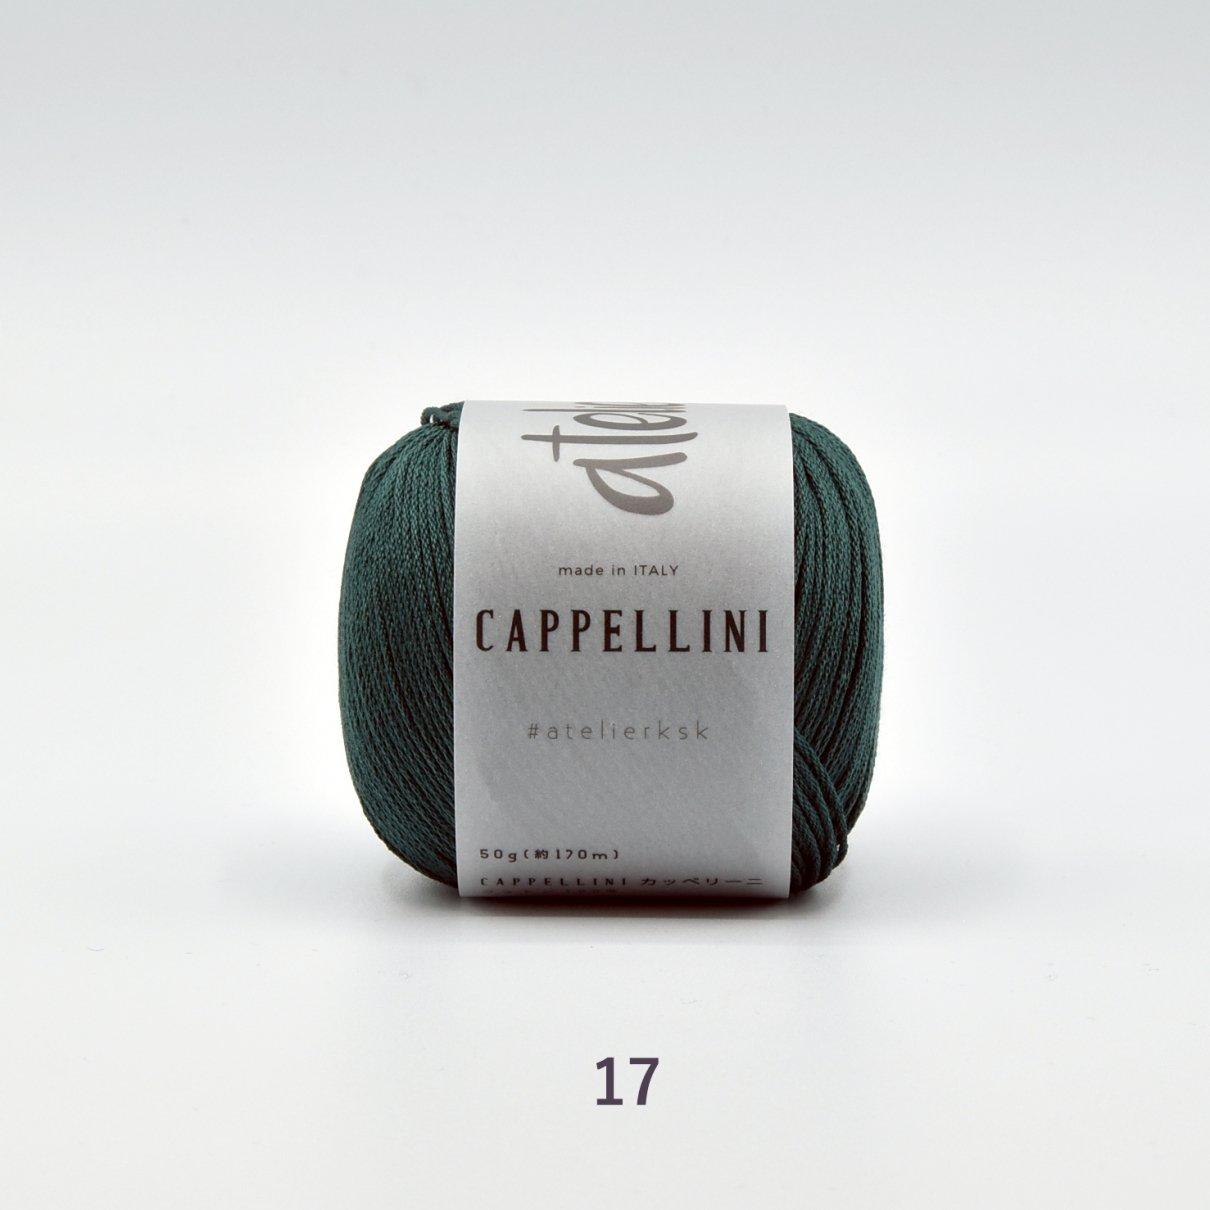 カッペリーニの前後差のあるパイナップル編みベスト(モチーフプラス)